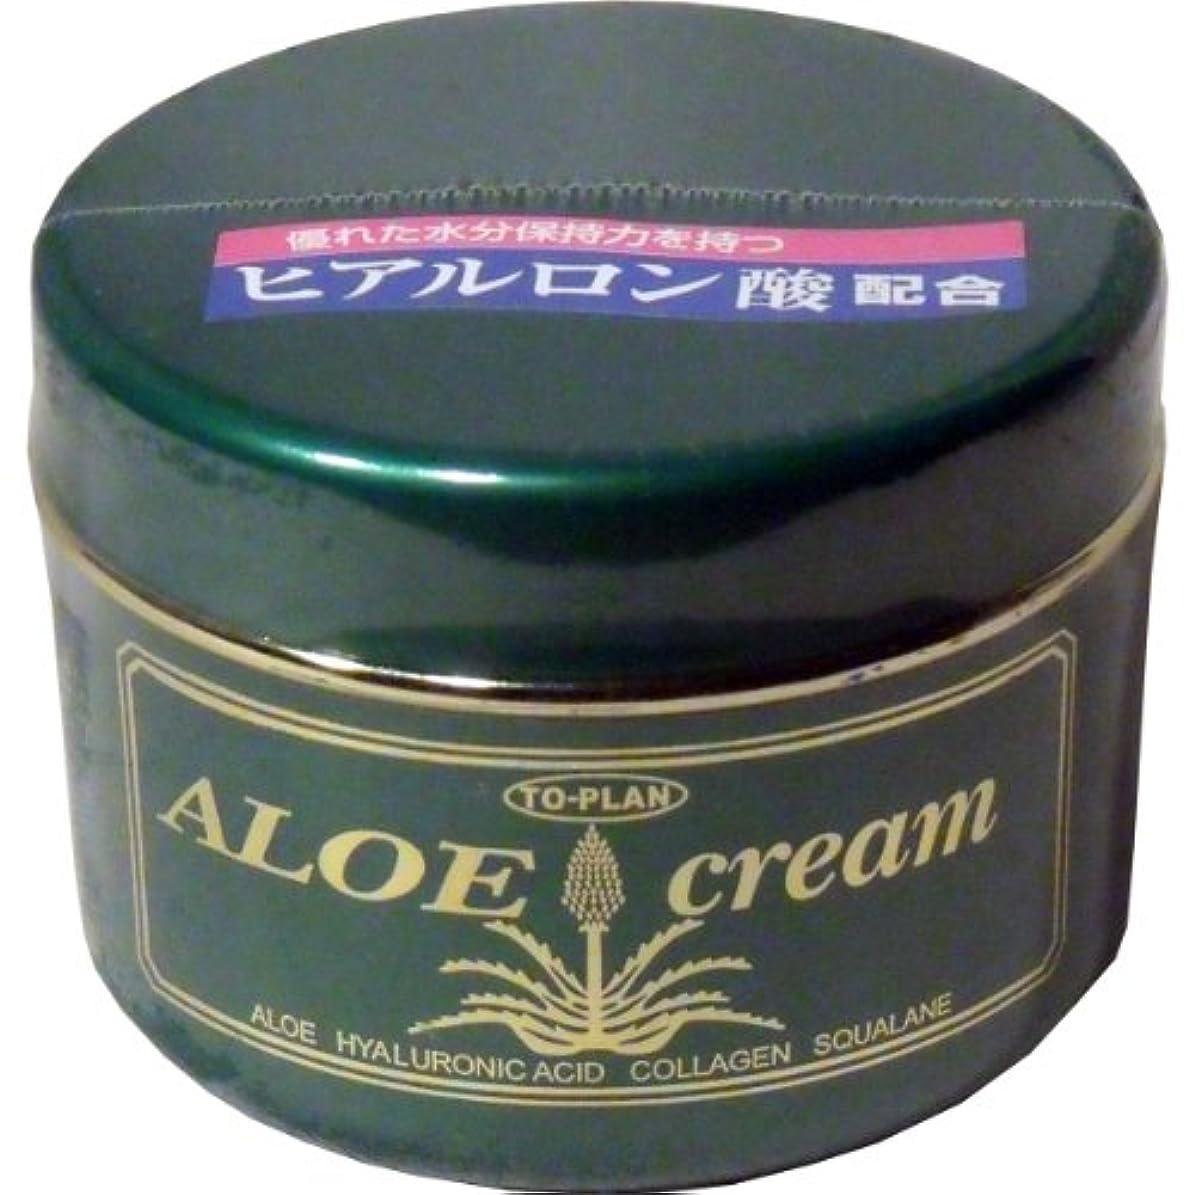 オール全国問い合わせるトプラン ハーブフレッシュクリーム(アロエクリーム) ヒアルロン酸 170g ×10個セット